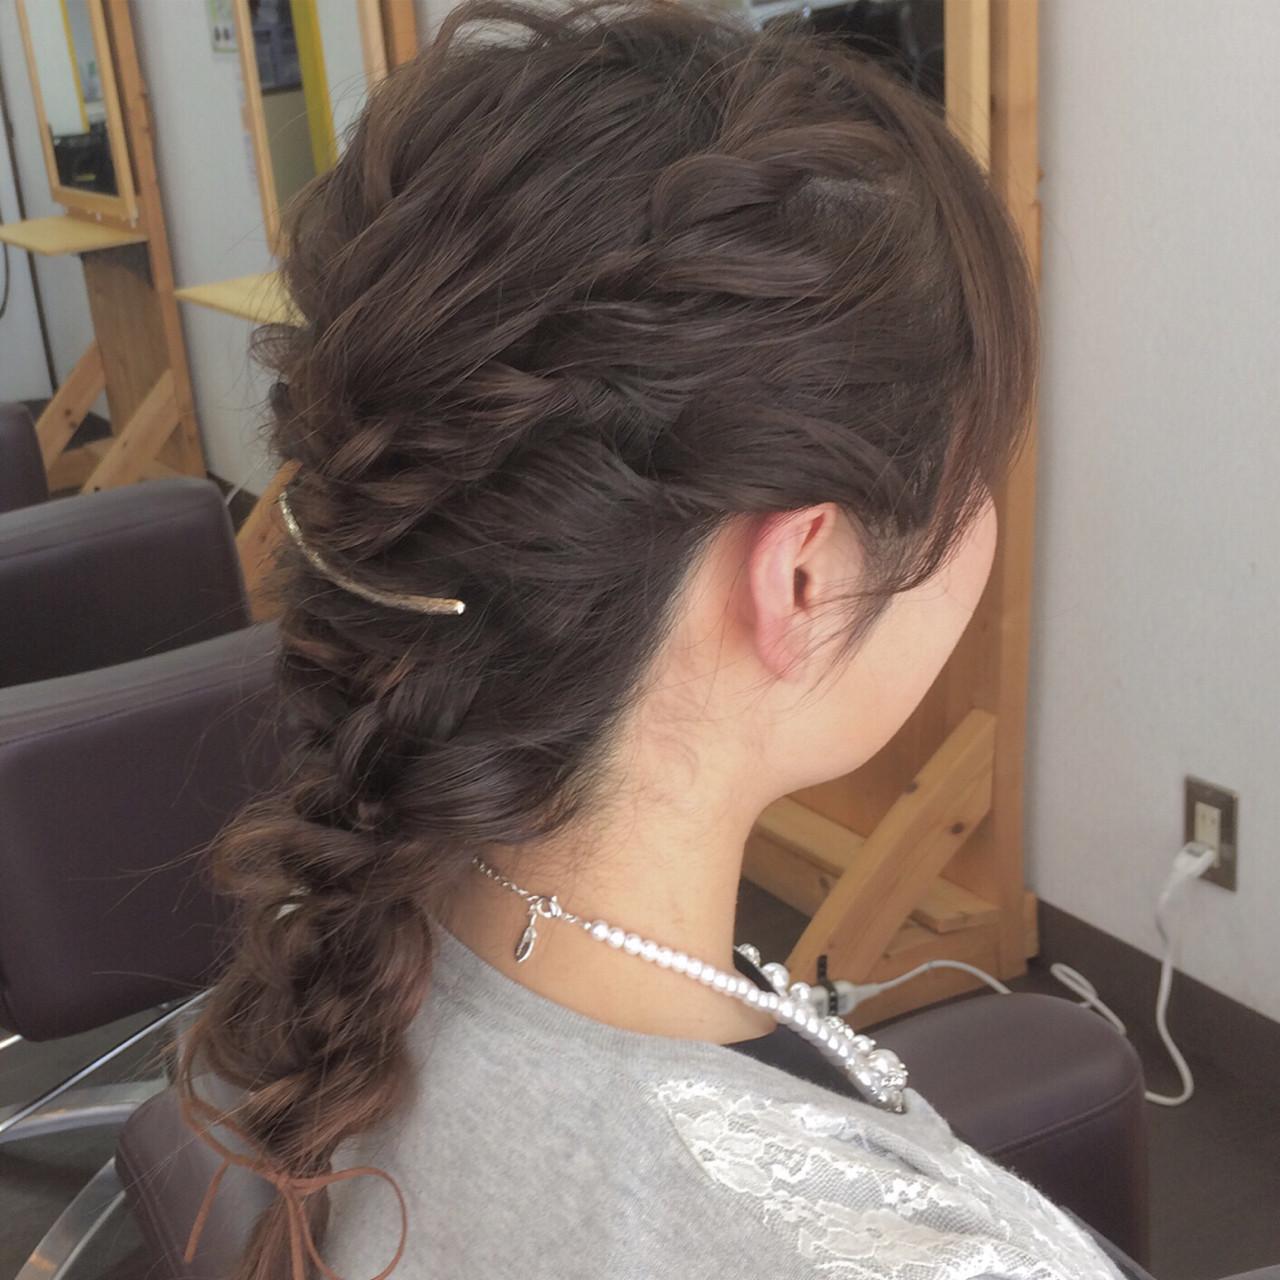 両サイド編み込みがアクセントの編みおろし ヤマナカサトル | DIOR of Hair